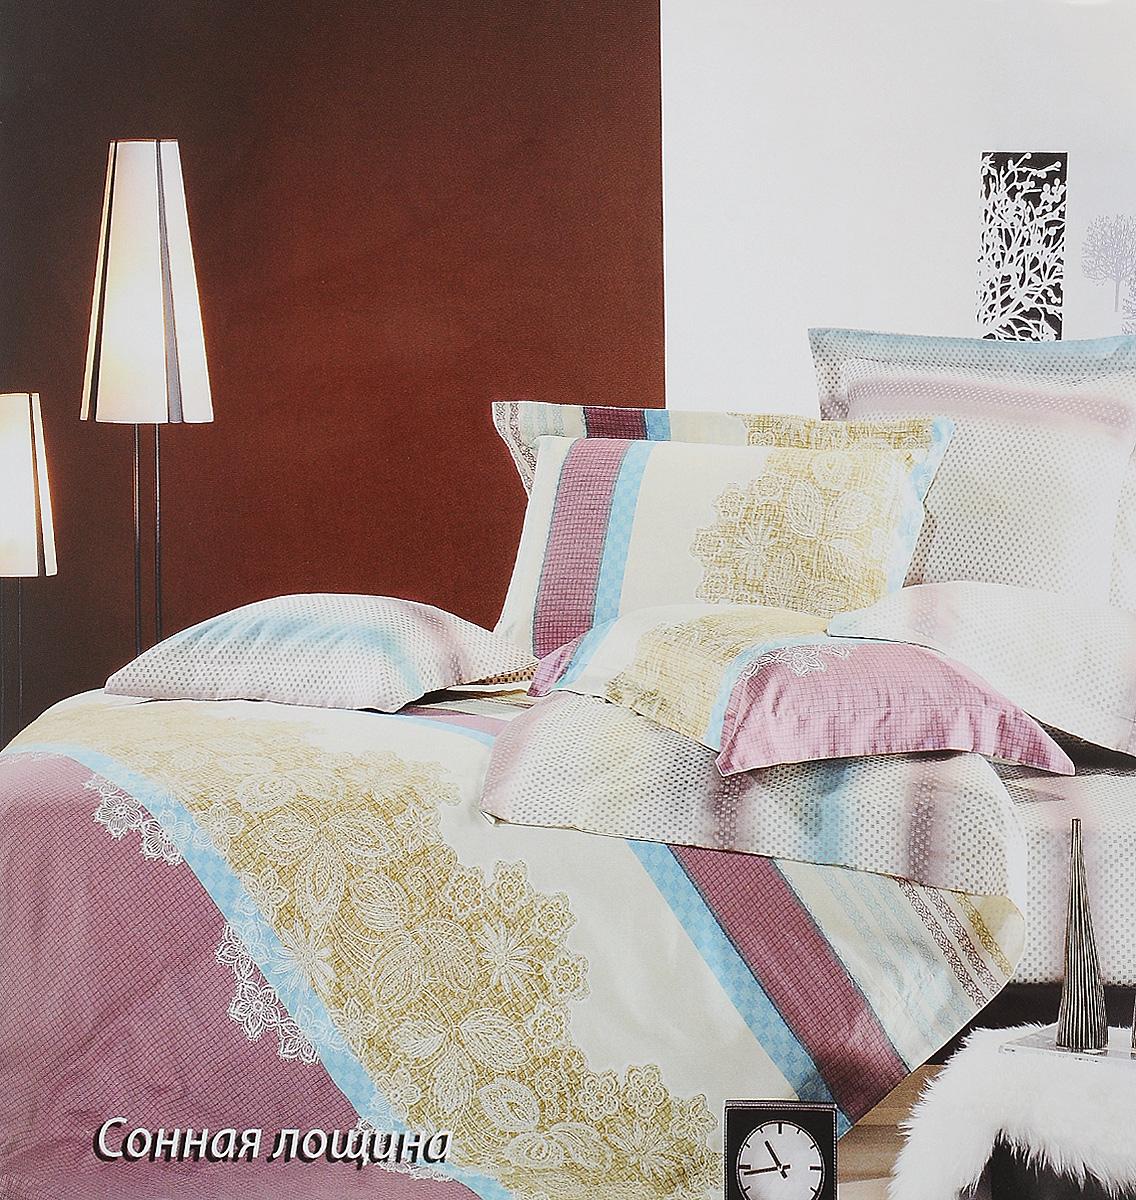 Комплект белья Tiffanys Secret Сонная лощина, 1,5-спальный, наволочки 50х70, цвет: бежевый, сиреневый, голубой2040816495Комплект постельного белья Tiffanys Secret Сонная лощина является экологически безопасным для всей семьи, так как выполнен из сатина (100% хлопок). Комплект состоит из пододеяльника, простыни и двух наволочек. Предметы комплекта оформлены оригинальным рисунком. Благодаря такому комплекту постельного белья вы сможете создать атмосферу уюта и комфорта в вашей спальне. Сатин - это ткань, навсегда покорившая сердца человечества. Ценившие роскошь персы называли ее атлас, а искушенные в прекрасном французы - сатин. Секрет высококачественного сатина в безупречности всего технологического процесса. Эту благородную ткань делают только из отборной натуральной пряжи, которую получают из самого лучшего тонковолокнистого хлопка. Благодаря использованию самой тонкой хлопковой нити получается необычайно мягкое и нежное полотно. Сатиновое постельное белье превращает жаркие летние ночи в прохладные и освежающие, а холодные зимние - в теплые и согревающие. ...